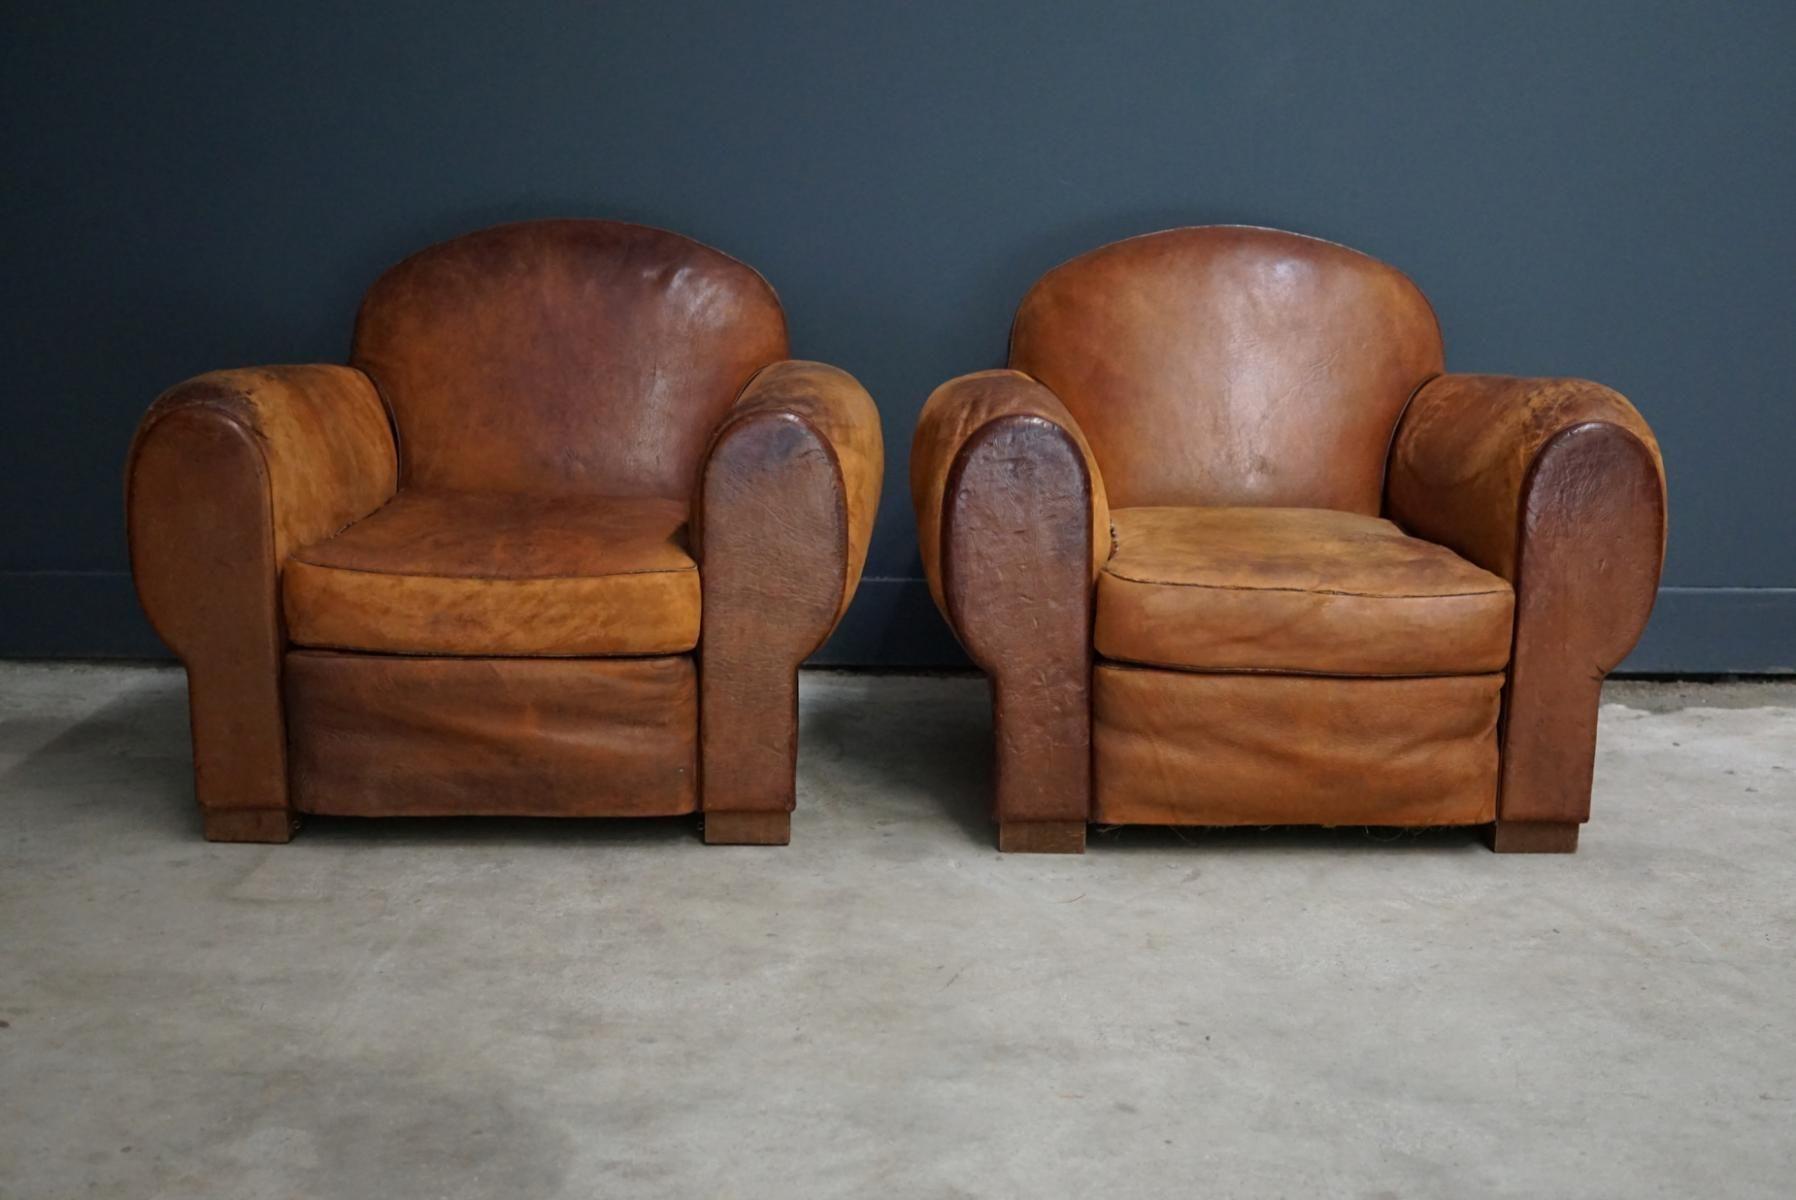 Schwarze Leder Lounge Sessel Leder Mobel Online Rote Leder